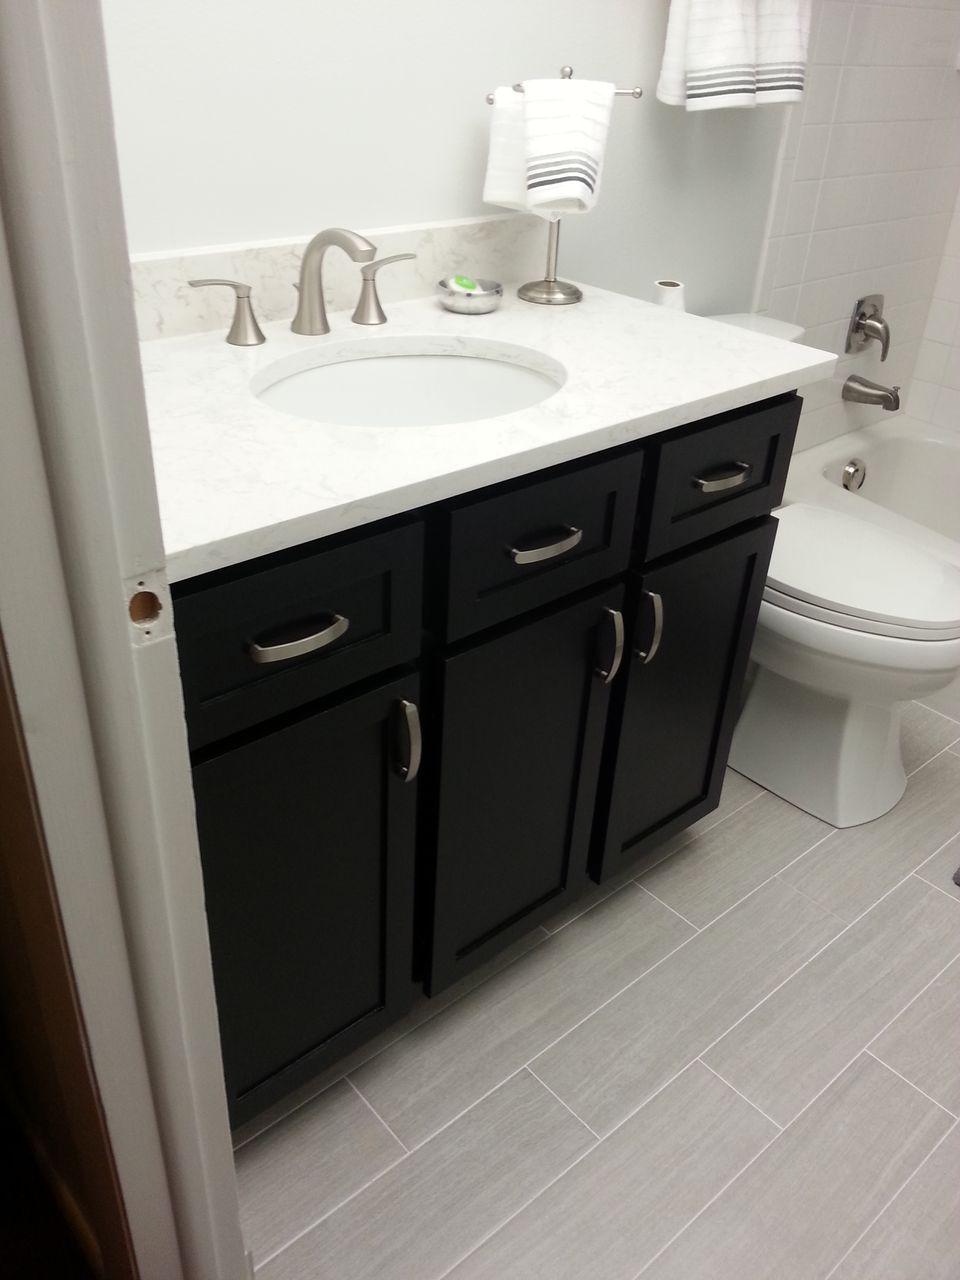 Diy Bathroom Vanity Plans You Can Build Today